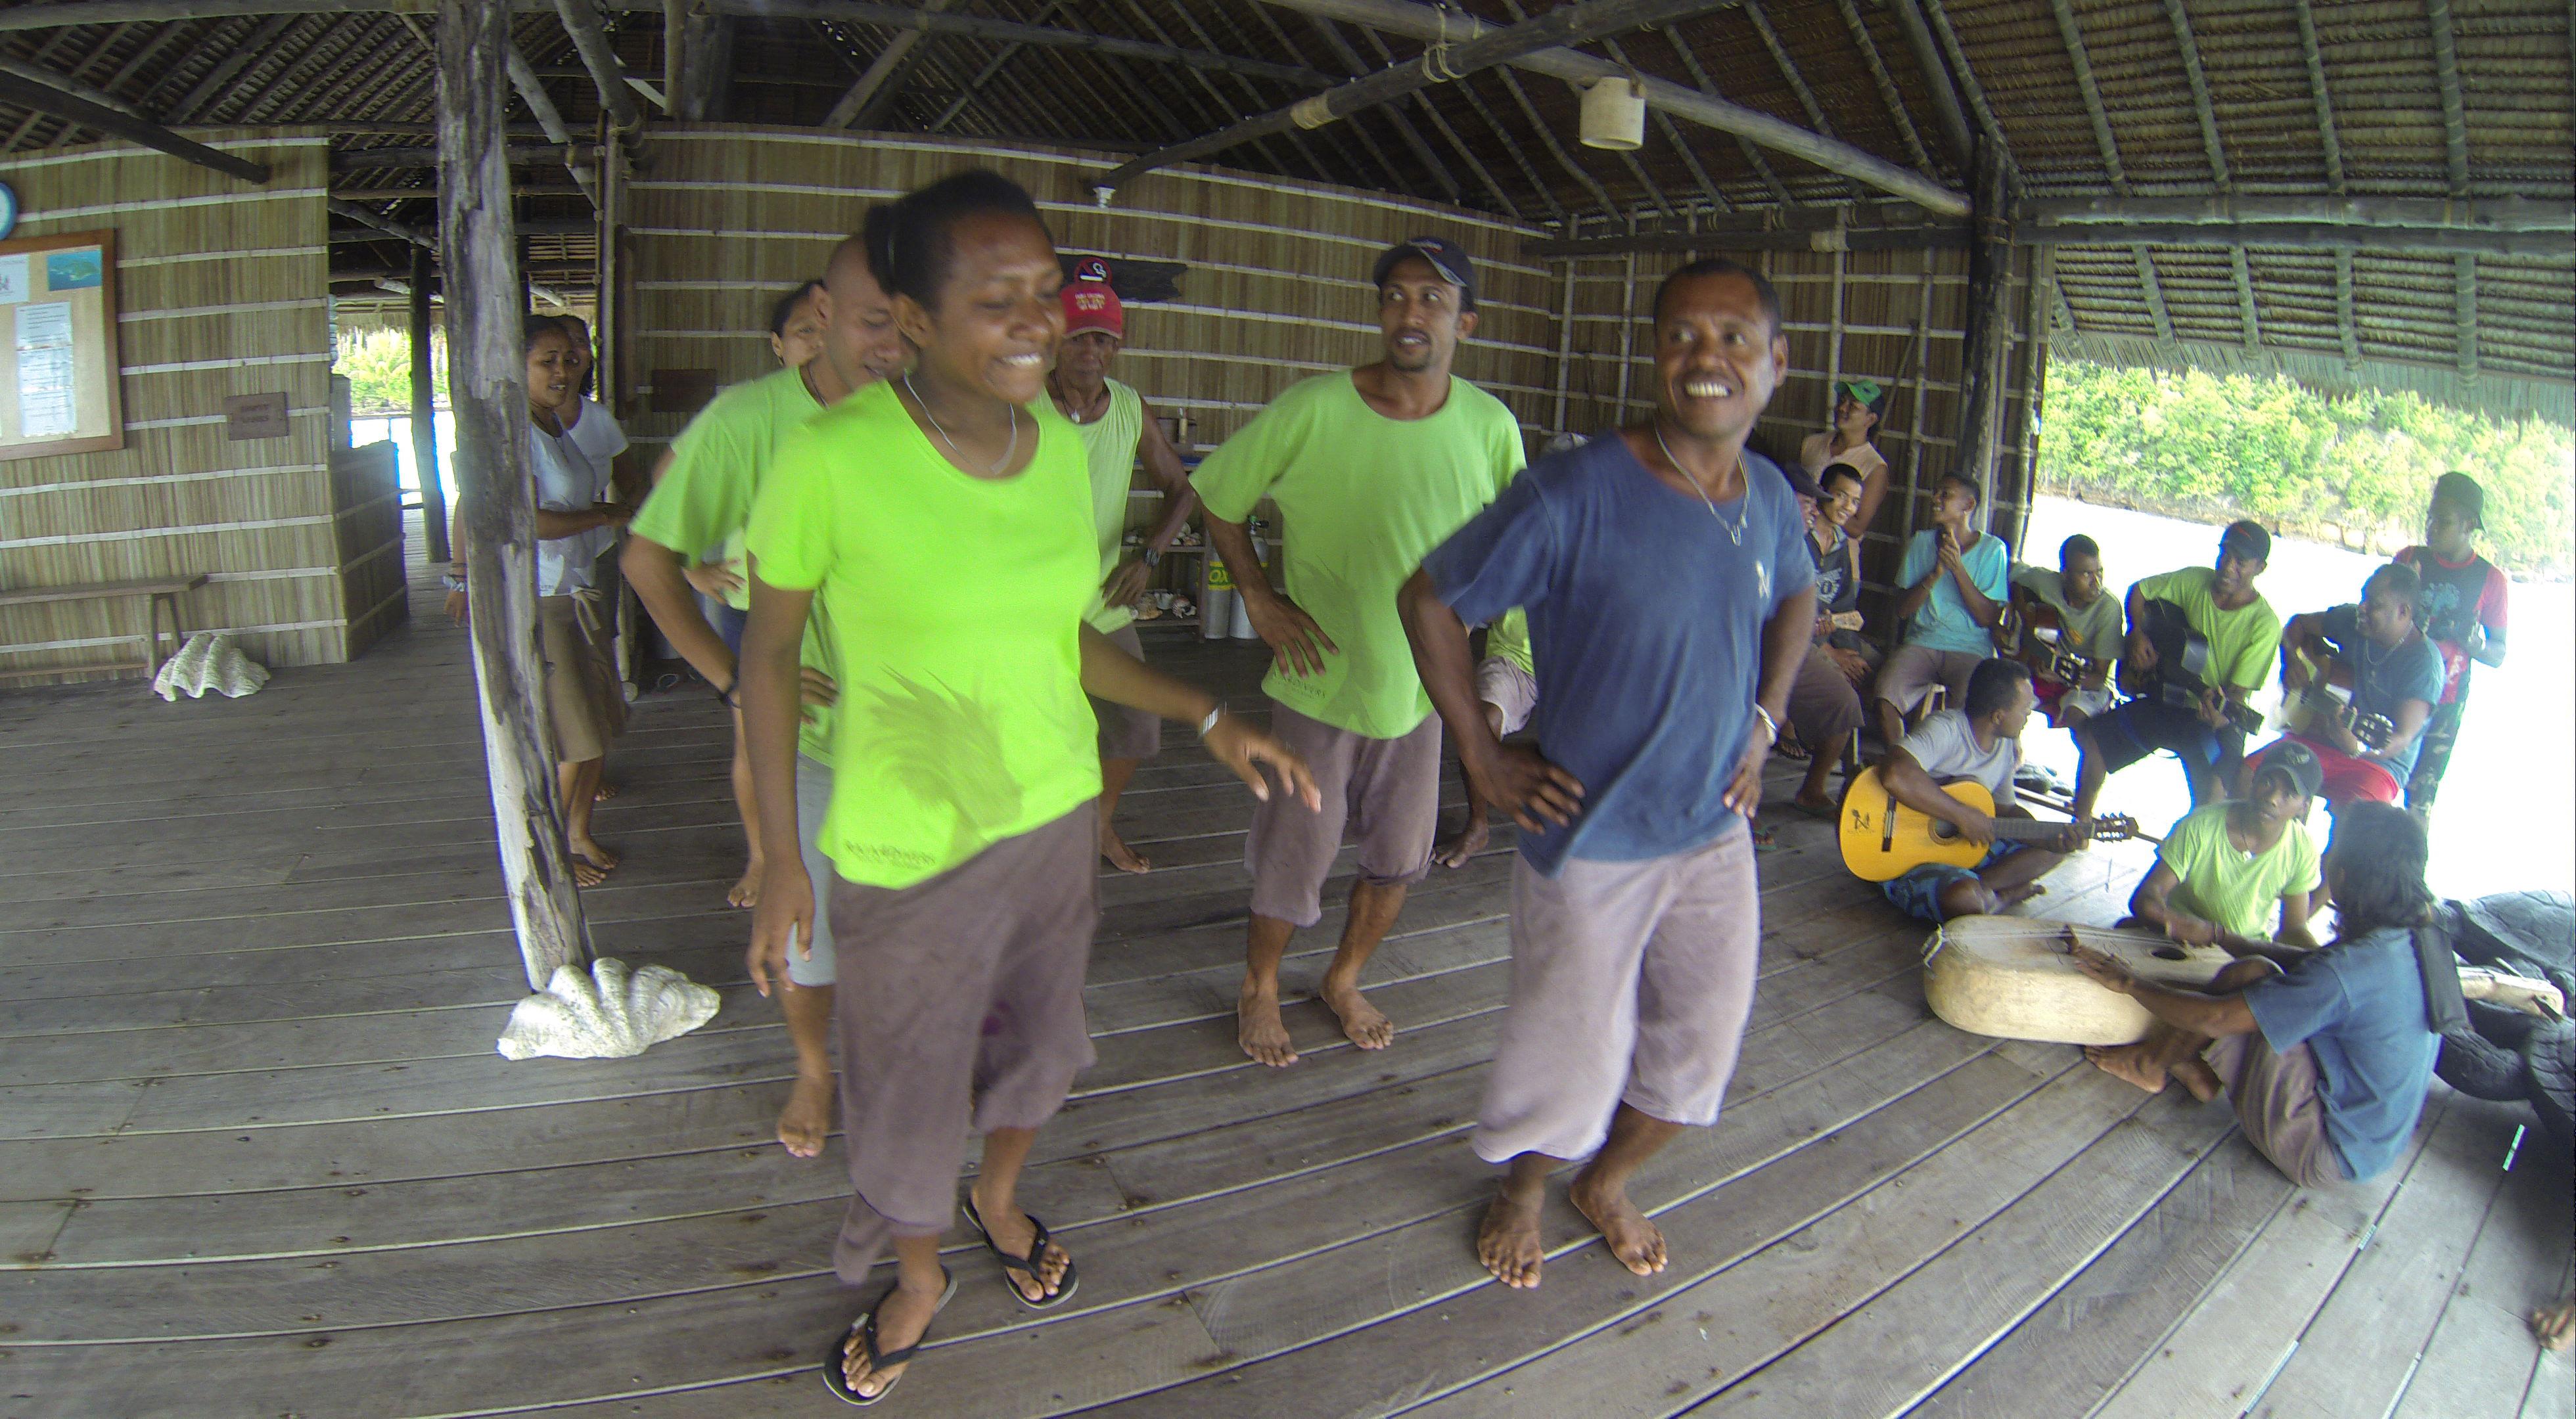 Empfang mit Tanz & Musik, Raja4Divers, Pulau Pef/Raja Ampat (Foto aus GoPro-Video)